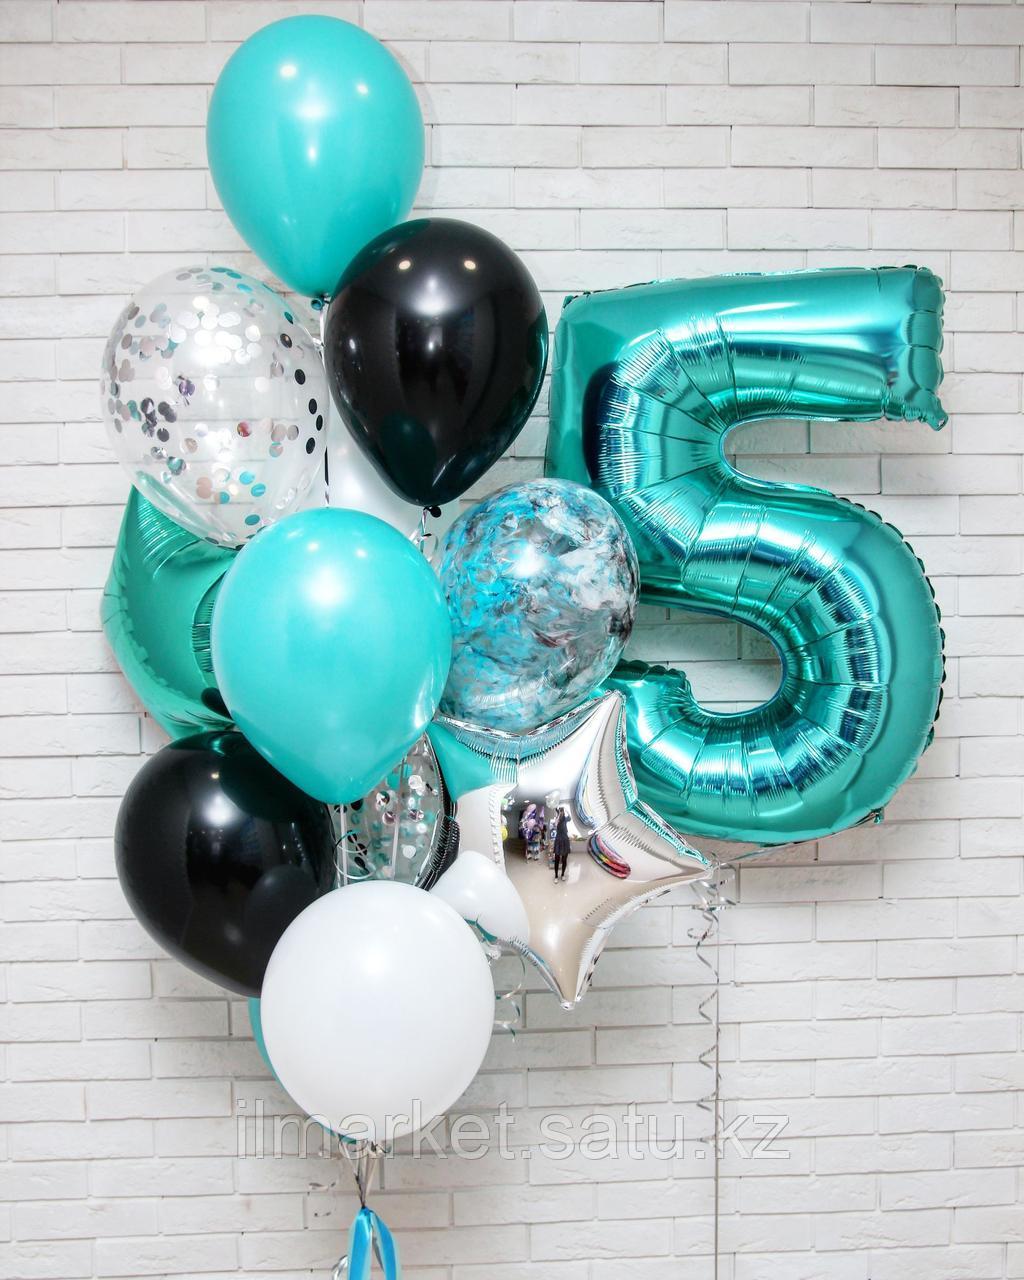 Цифра 5 с Клоуном и ходячие шарики смайлы Клоуны - фото 2